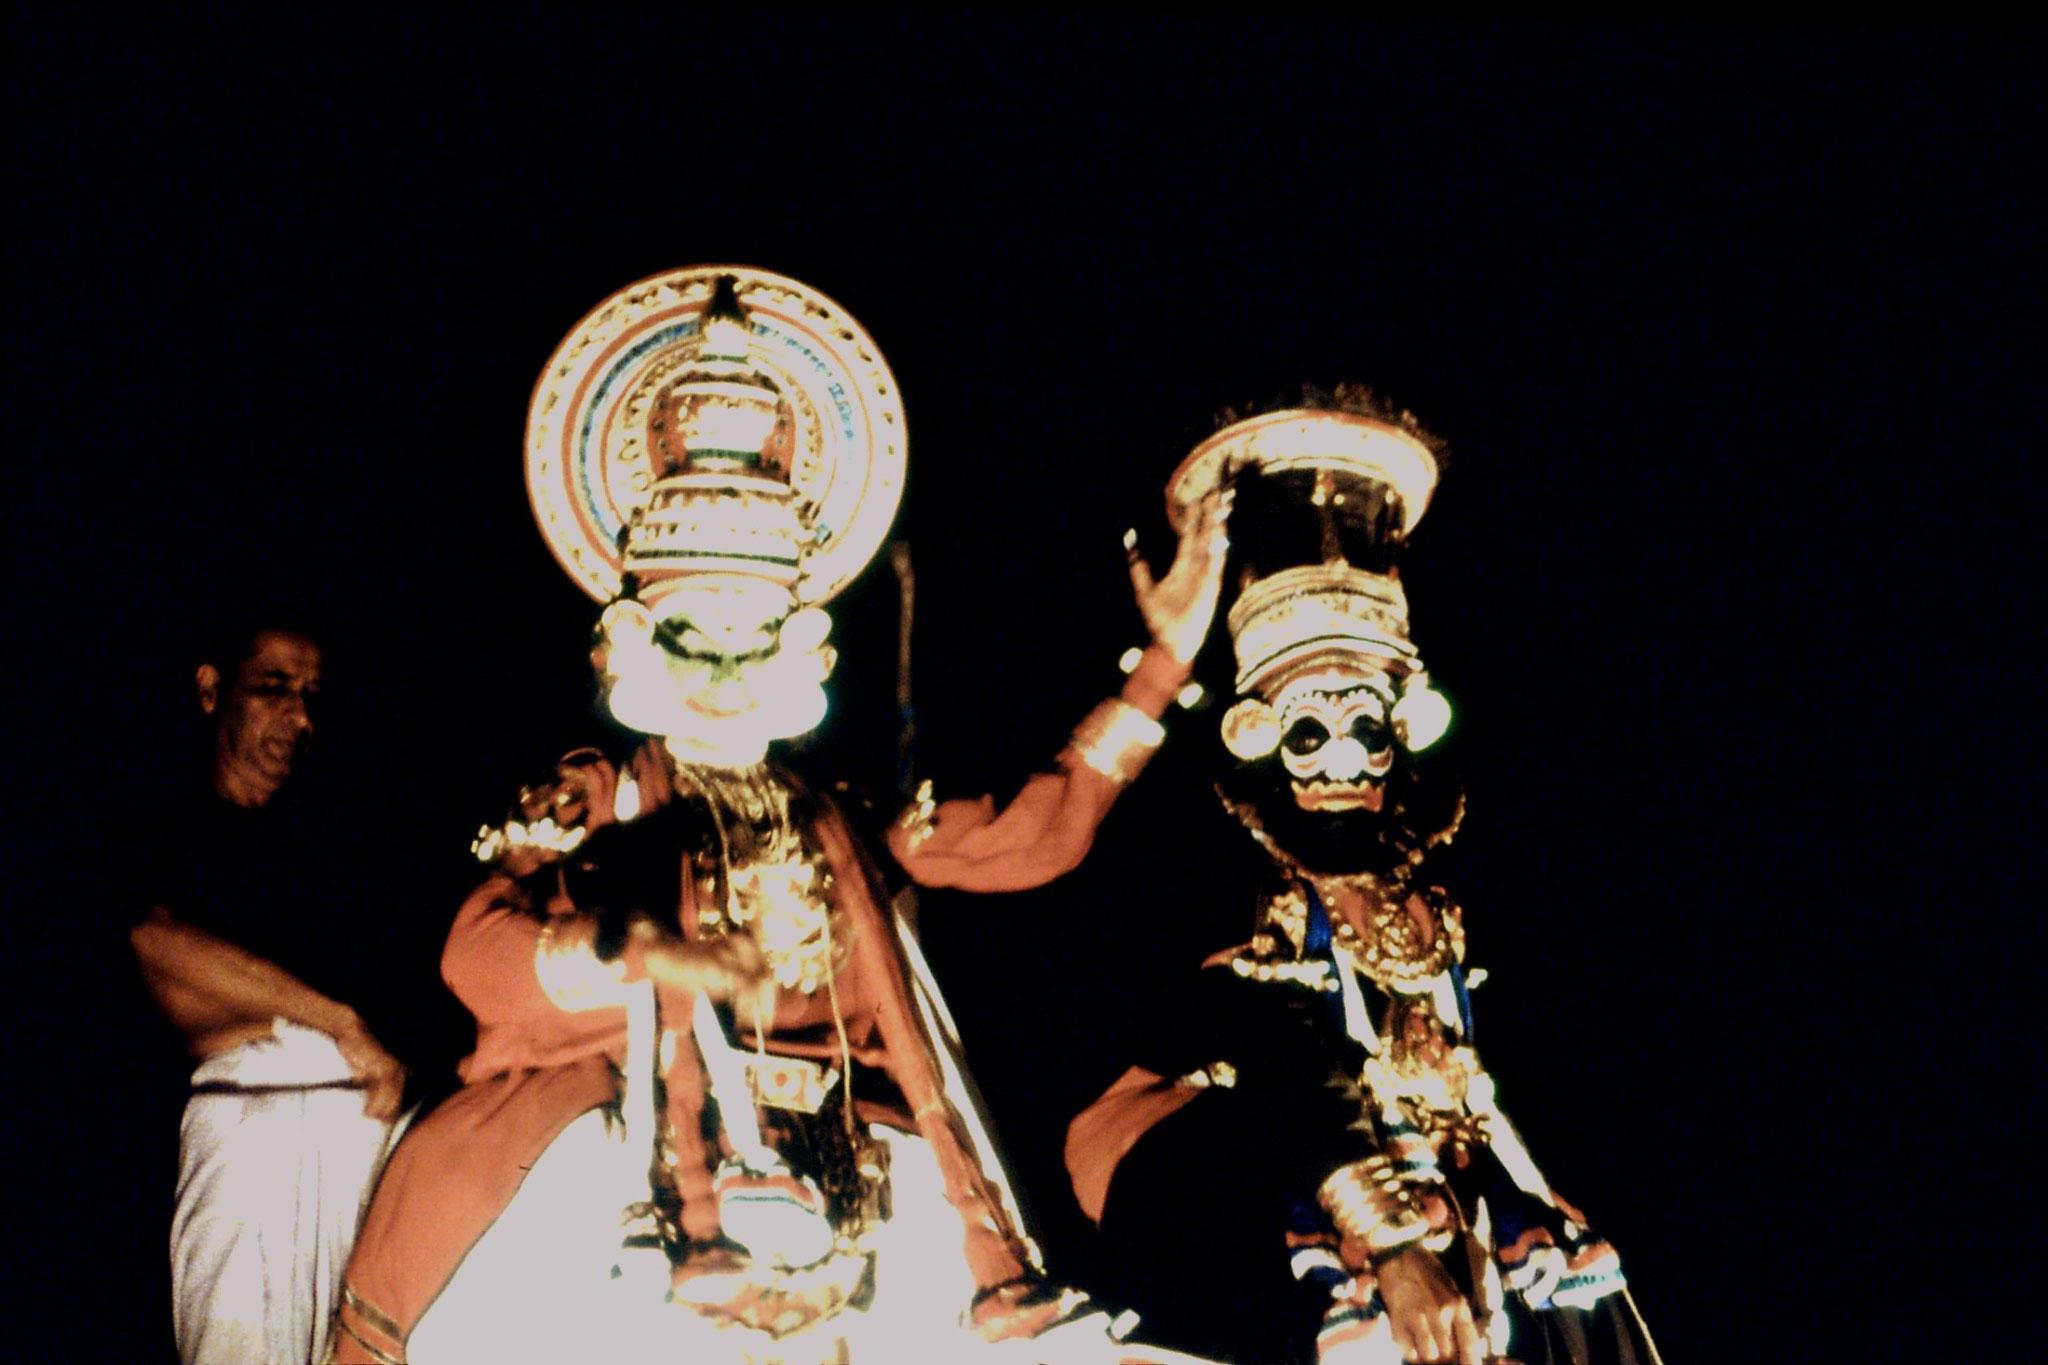 106/24: 24/2/1990 Erkunaculum - See India Foundation - Kathakali Dance